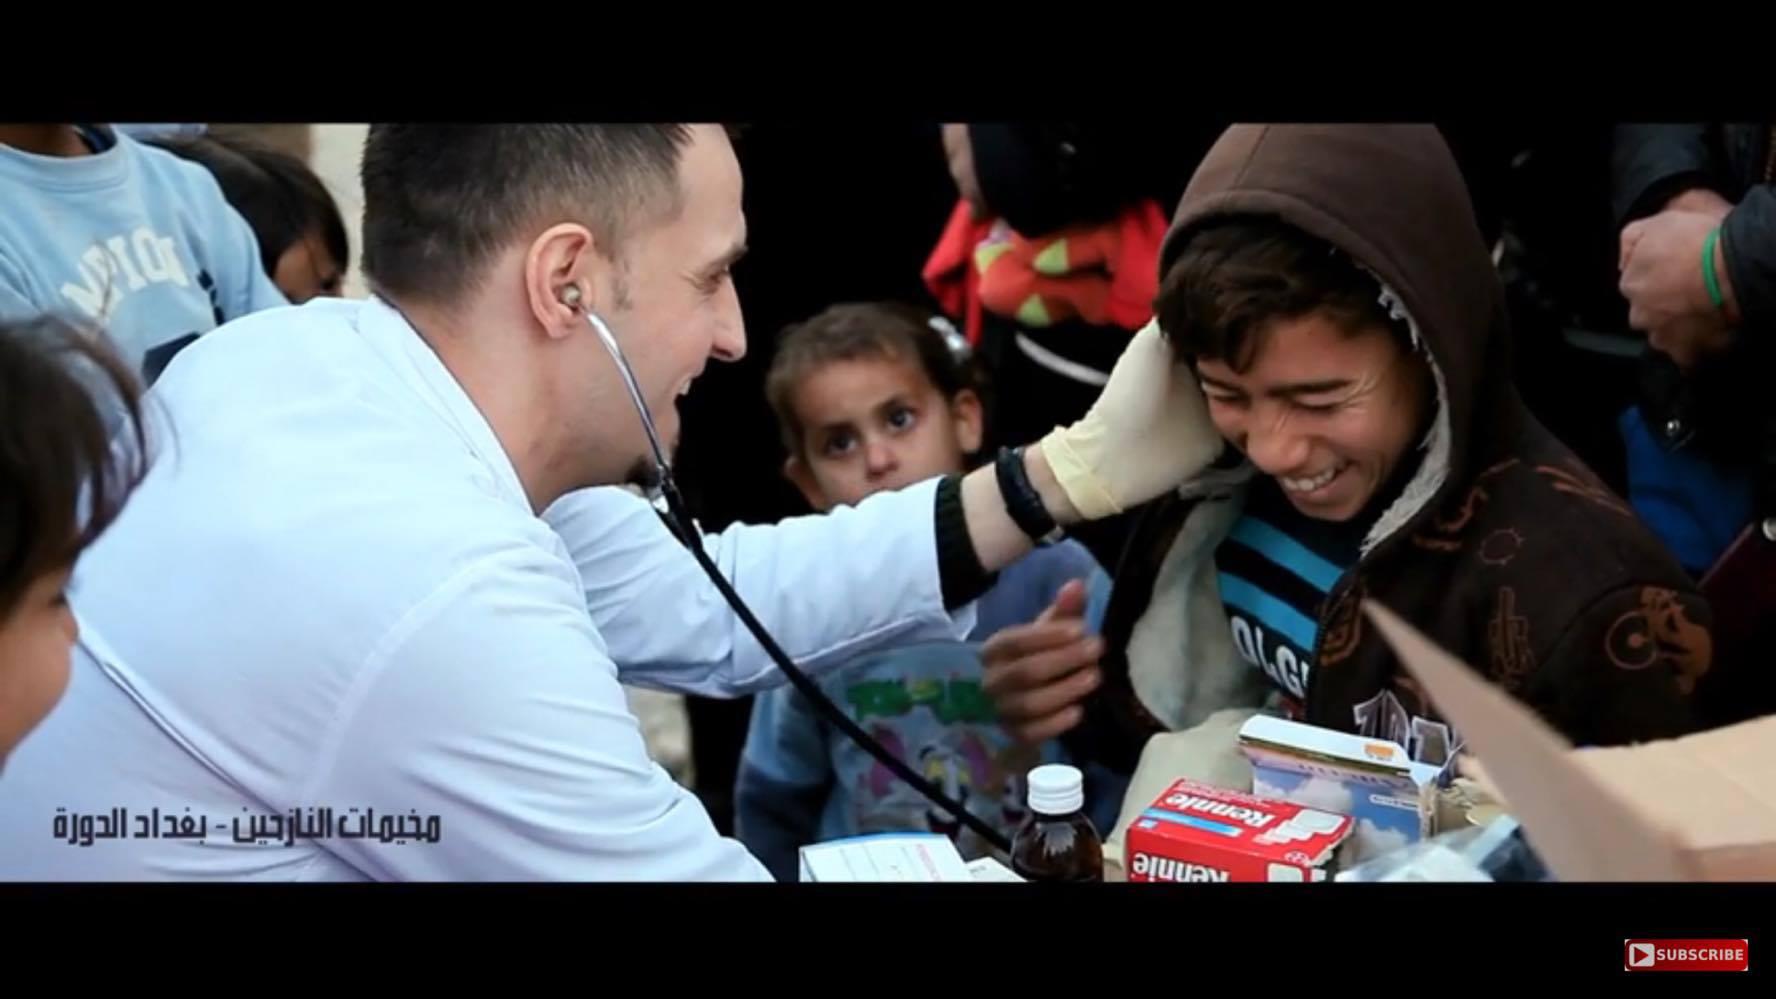 بالصور دكتور سيف جنان يعالج الاطفال والكبار بمخيمات النازحيين